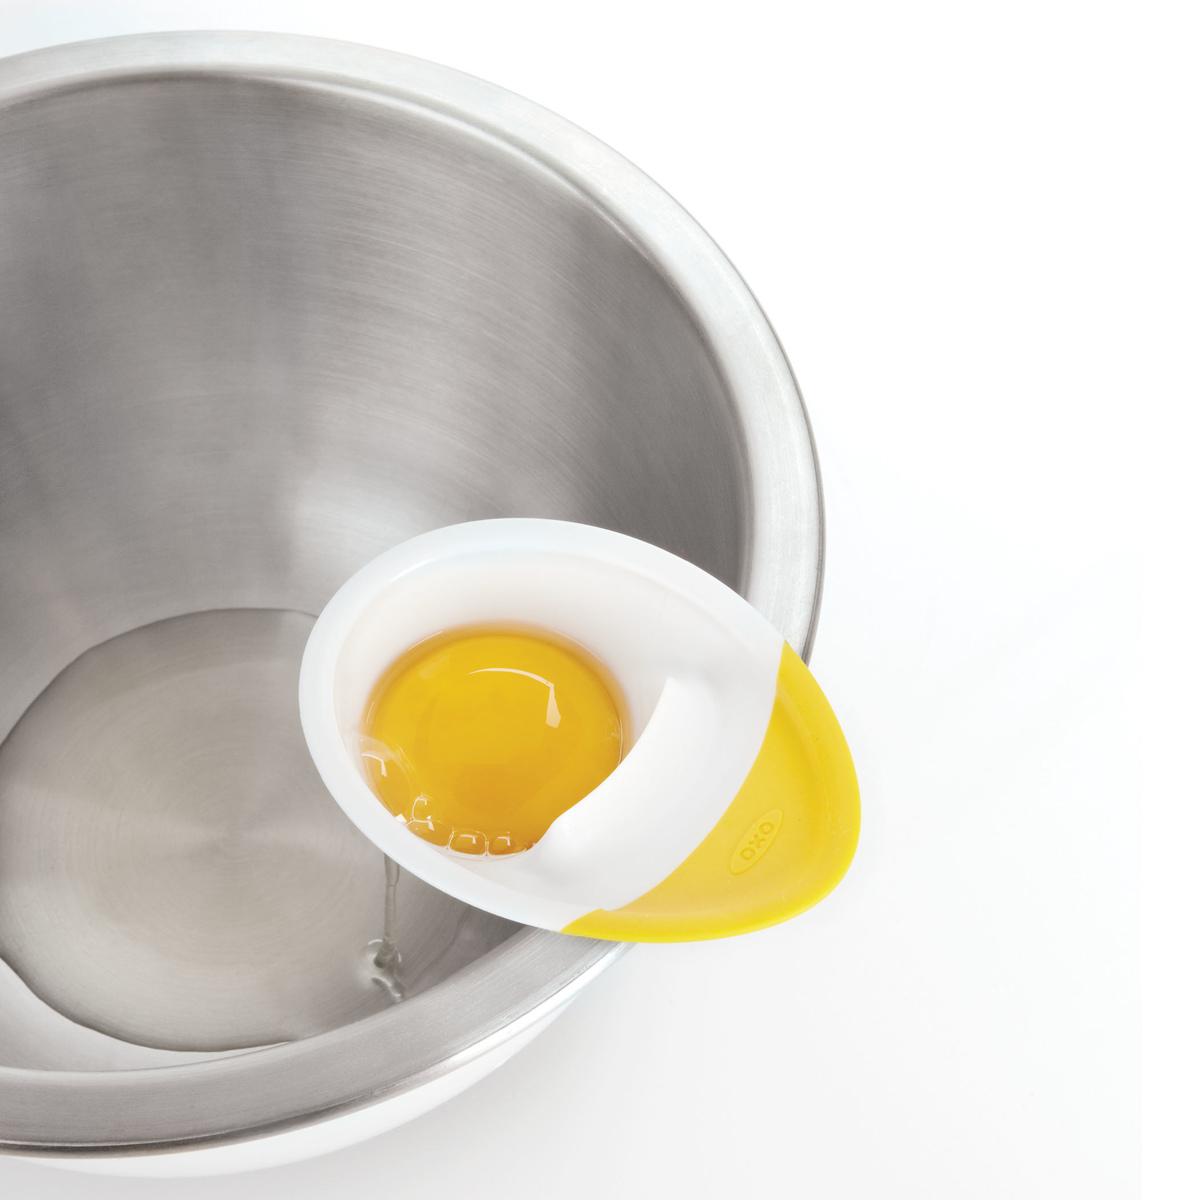 Сепаратор для яиц OXO COOKING UTENSILS, 4х12х22 см, белый OXO 1147780 фото 9